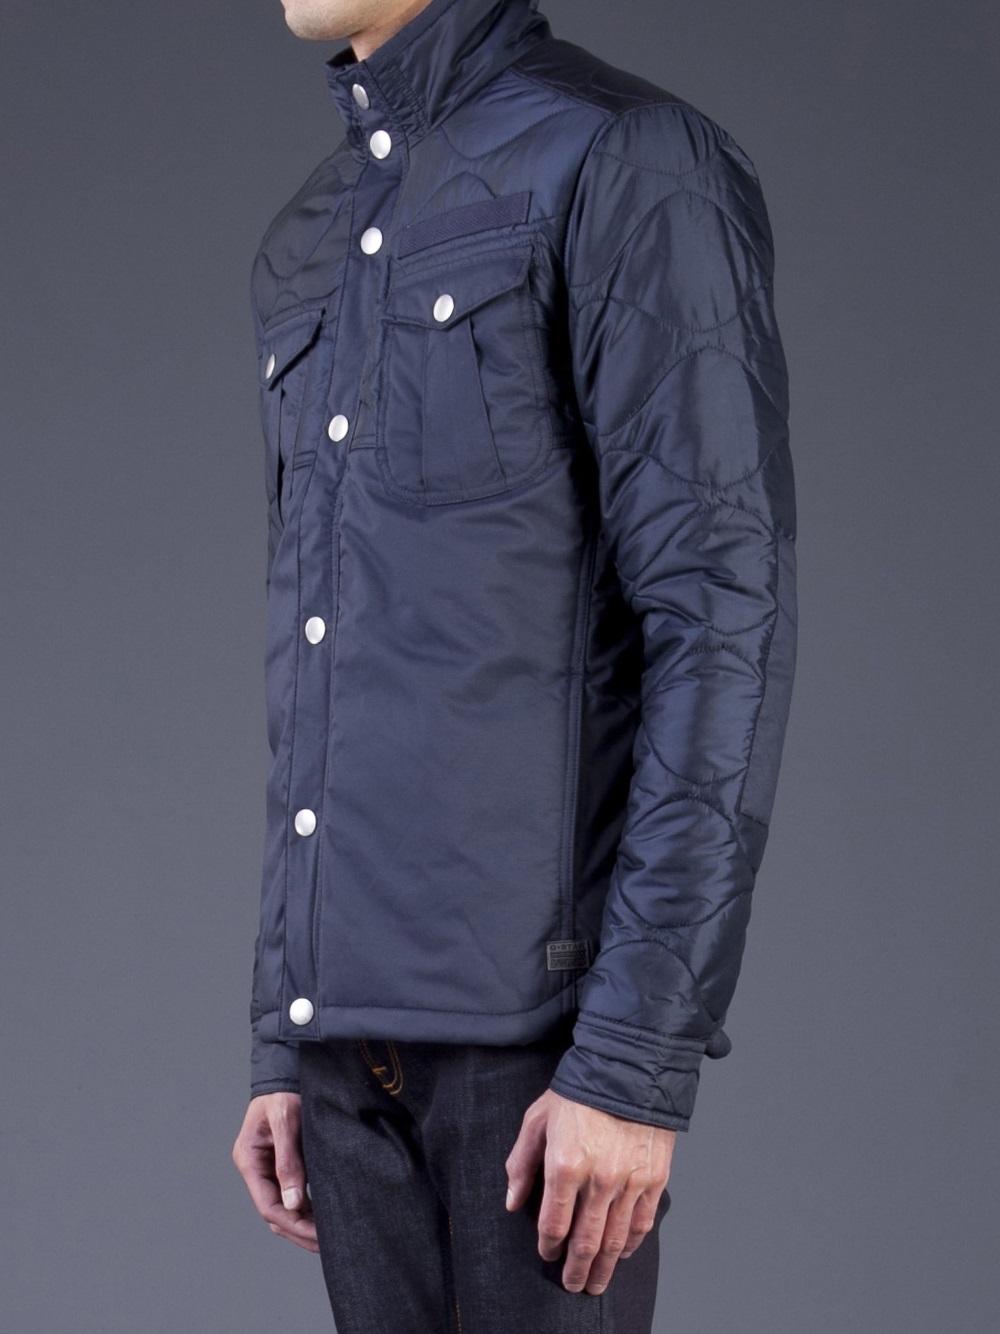 G Star Raw Gstar Filch Overshirt Jacket In Blue For Men Lyst